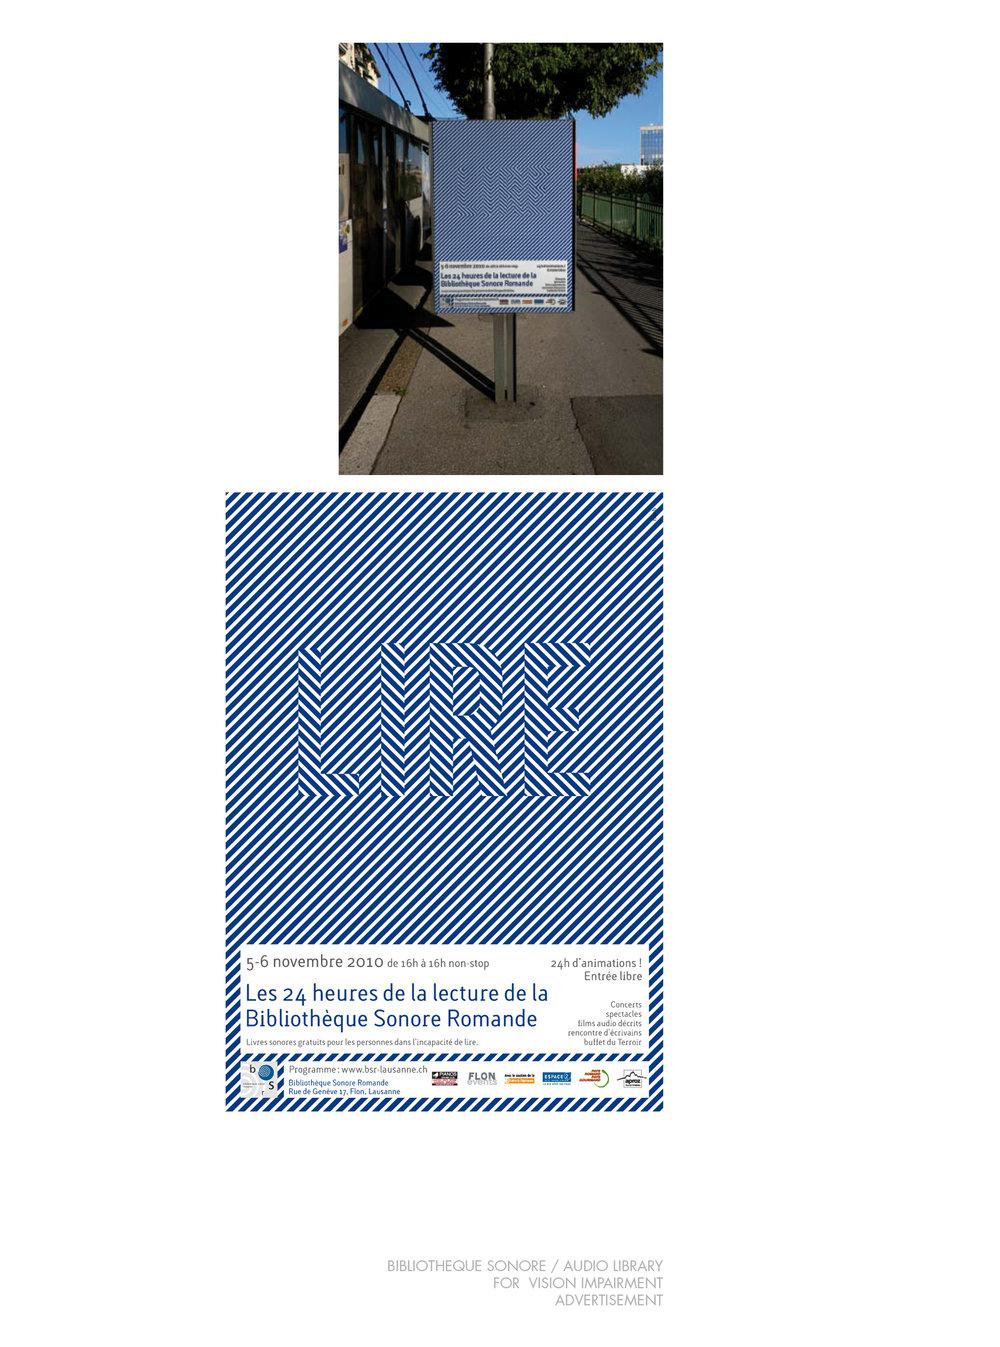 portfolio-graphicdesign-straightlayout11.jpg